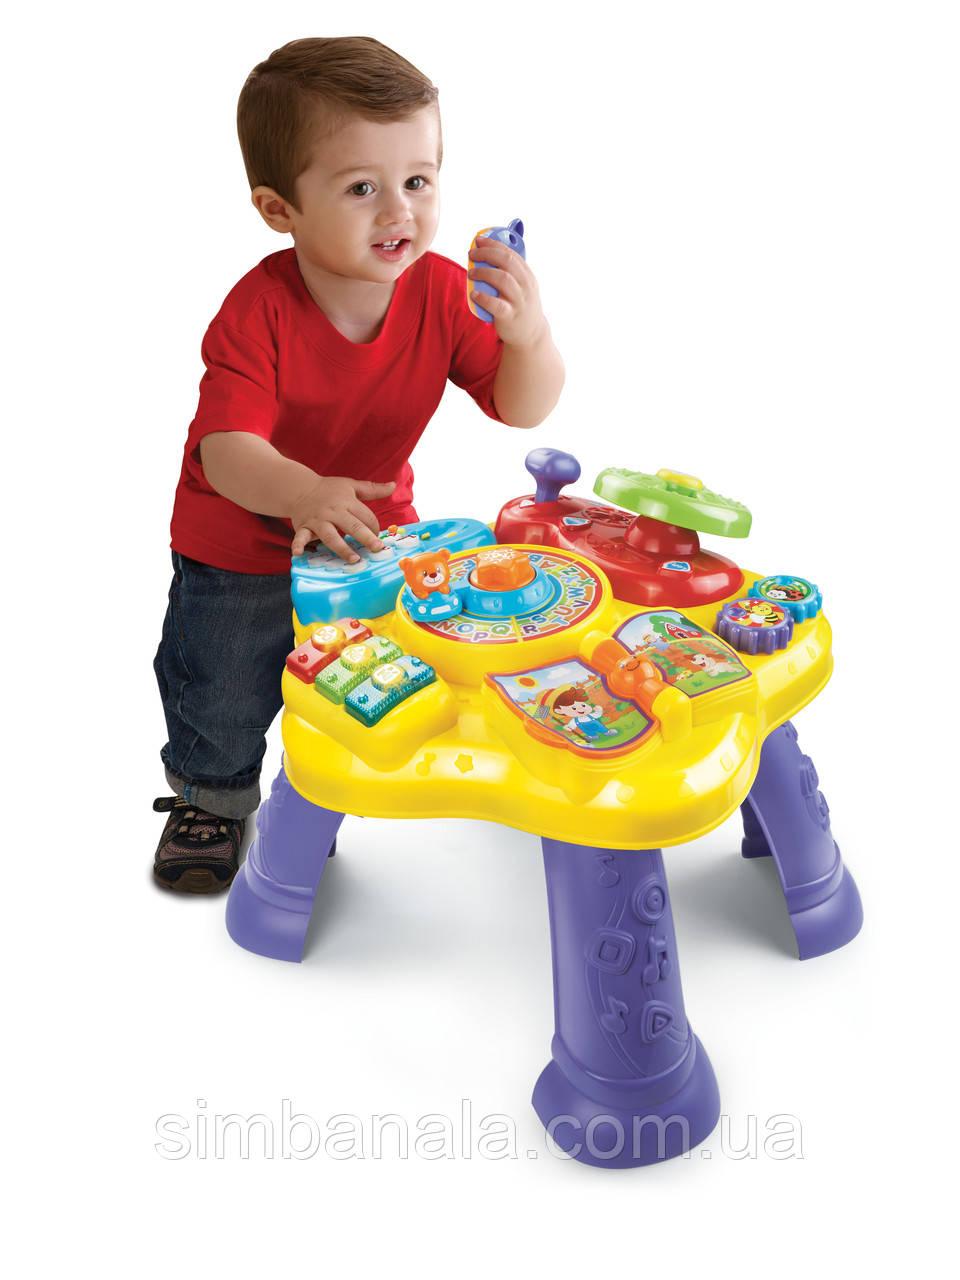 """Детский развивающий столик """"Звездное волшебство"""", VTech США"""